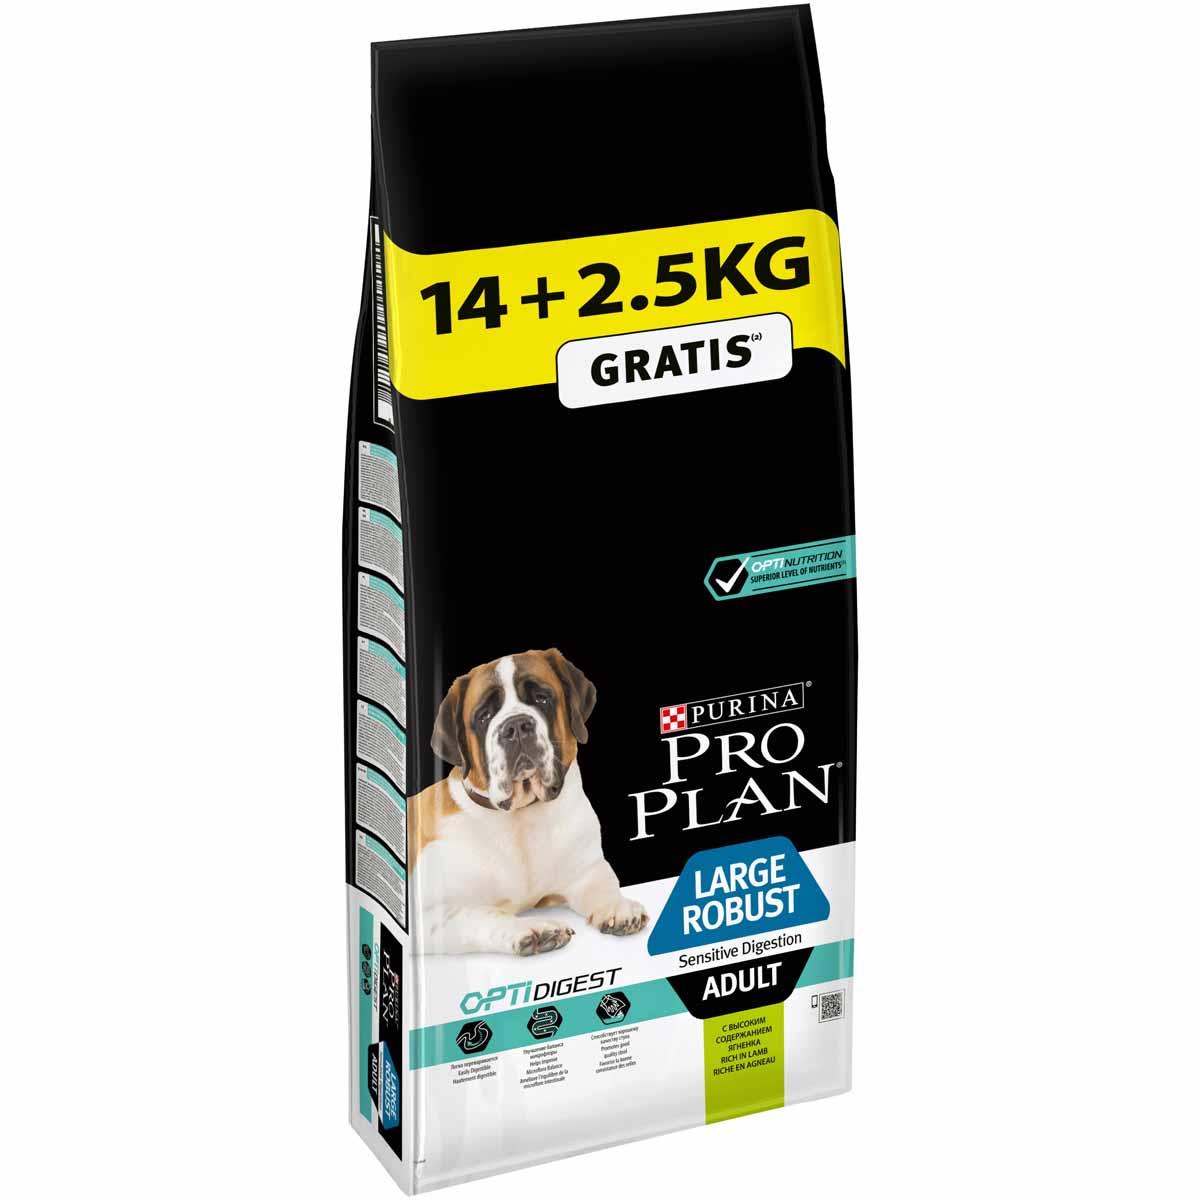 Корм сухой Purina Pro Plan Optihealth для взрослых собак крупных пород с мощным телосложением и с чувствительным пищеварением, с ягненком и рисом, 16,5 кг00-00002511Оптимальное питание является основой для здоровья и благополучия. Разработанный нашими ветеринарами и диетологами корм Purina Pro Plan Optihealth с комплексом OPTIHEALTH обеспечивает самое современное питание, которое оказывает долгосрочное влияние на здоровье собаки. Комплекс OPTIHEALTH представляет сочетание специально отобранных питательных веществ для собак разных размеров и телосложения, который отвечает их особым потребностям и помогает сохранить отличное состояние.Преимущества корма:Особое сочетание компонентов для здоровья зубов и десен;Сочетание основных питательных веществ, которое помогает поддерживать здоровье суставов вашей собаки при активном образе жизни;Высокое содержание антиоксидантов, которые помогают замедлять процессы старения;Специальная рецептура для собак крупных пород с мощным телосложением; Содержит кусочки высококачественного куриного мяса.Расстройства пищеварения у собак: кто виноват и что делать. Статья OZON Гид